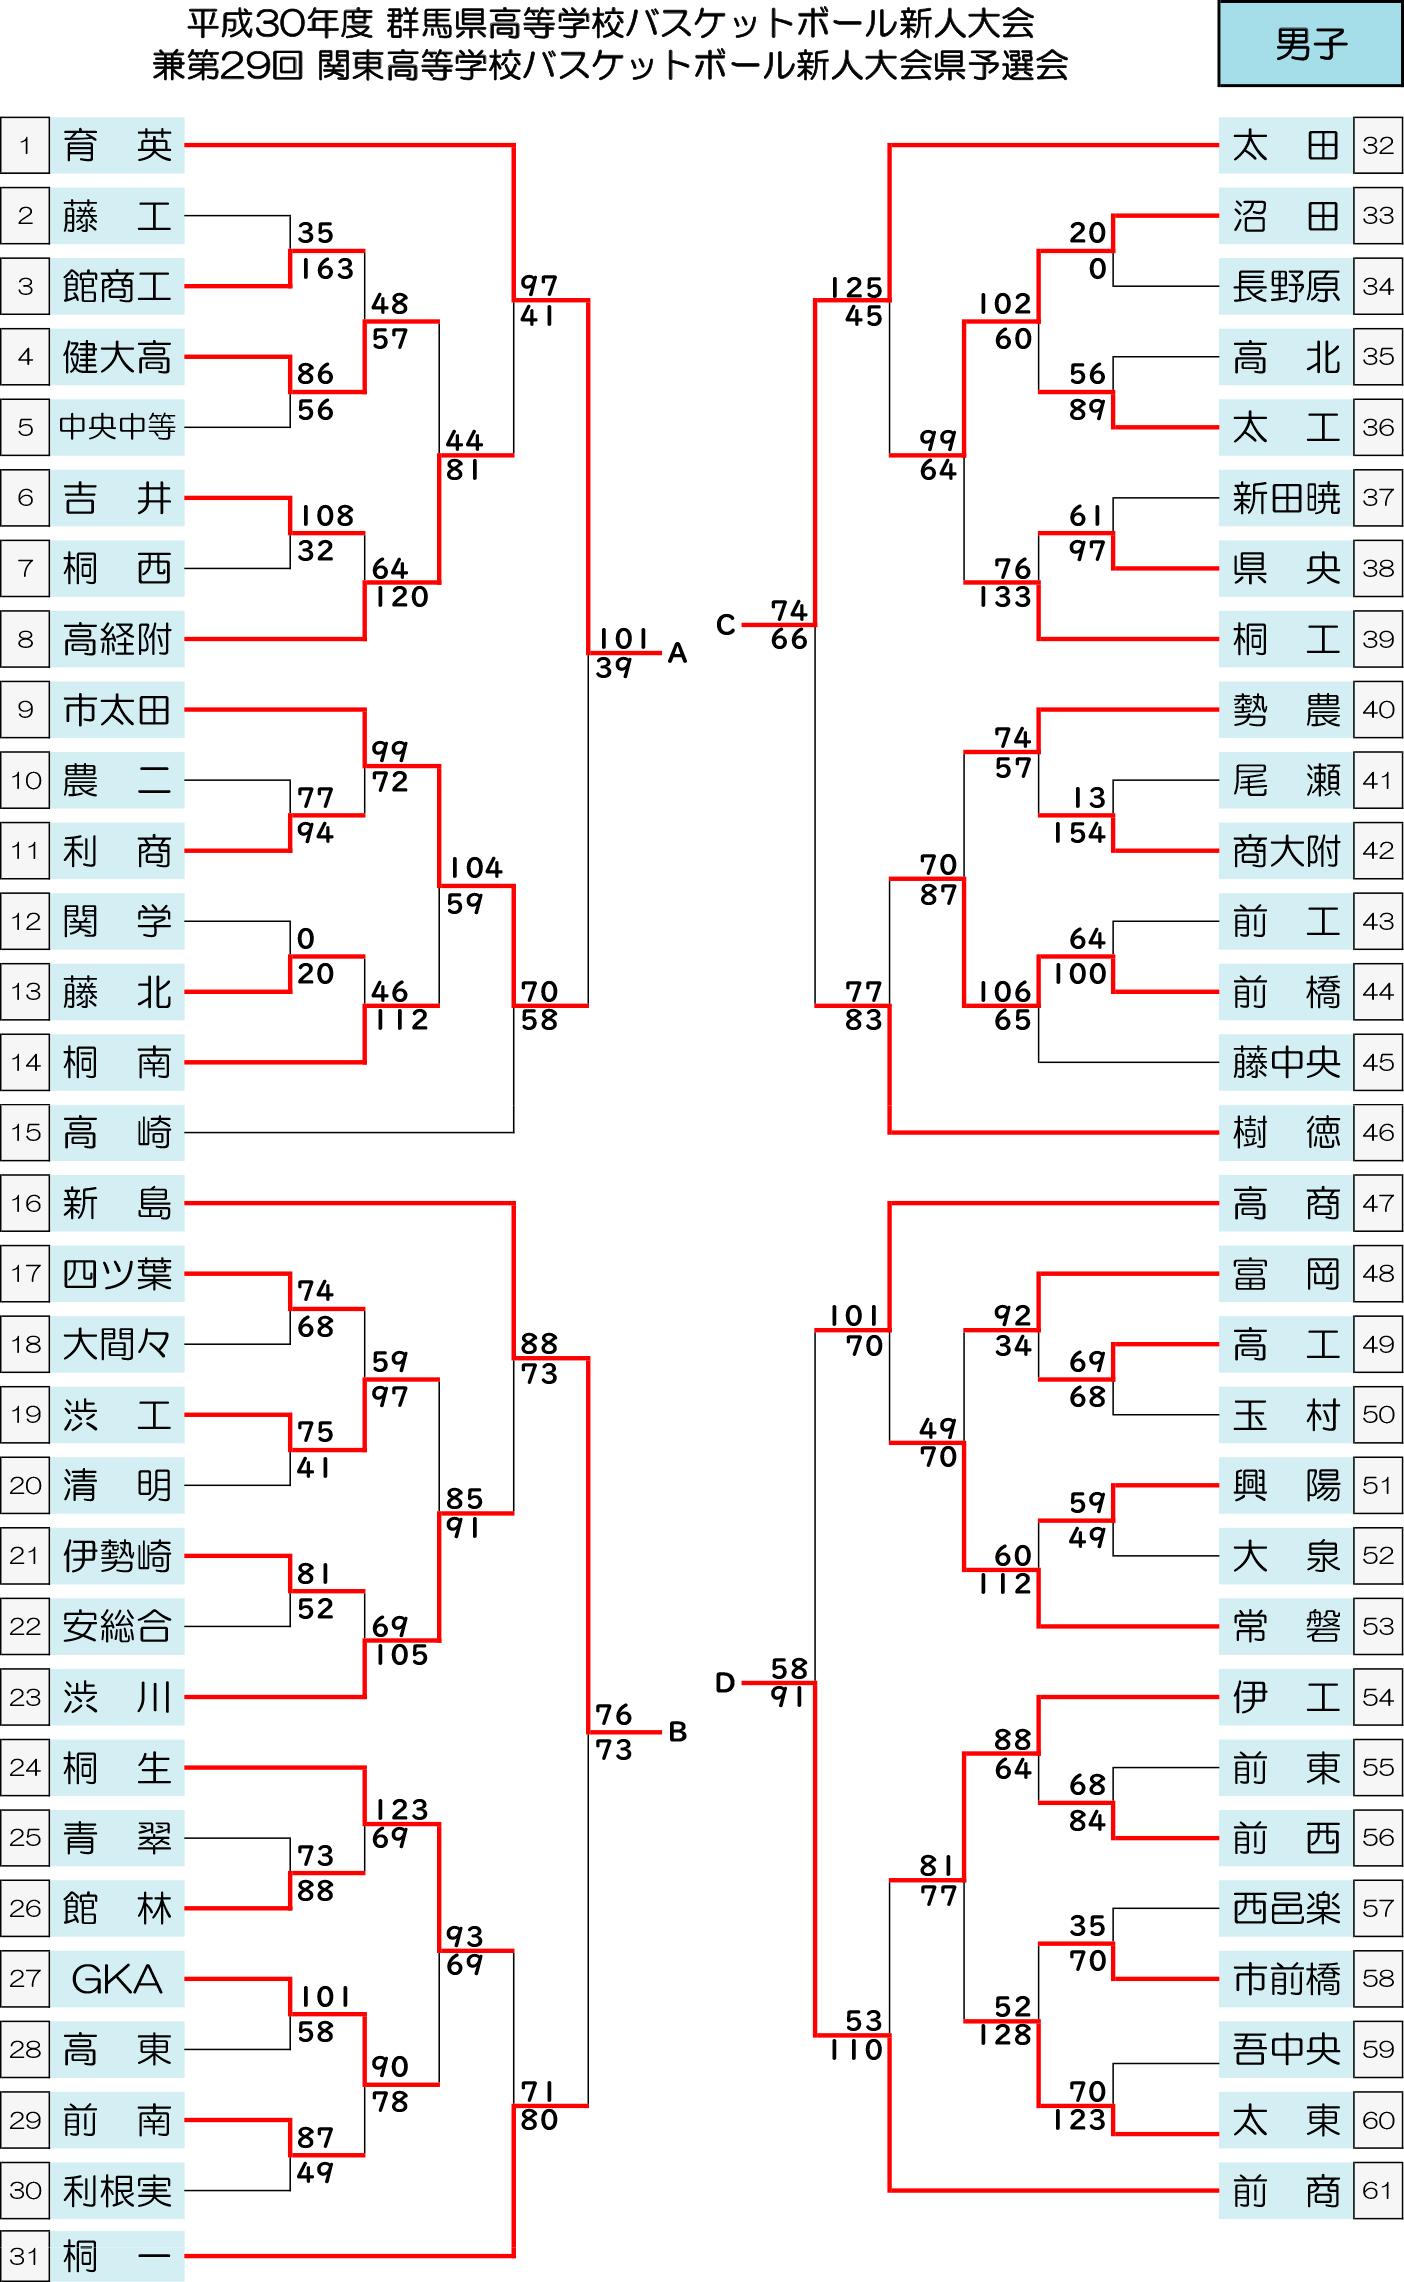 2018(平成30)年度 高体連新人大会 - 男子 結果 トーナメント